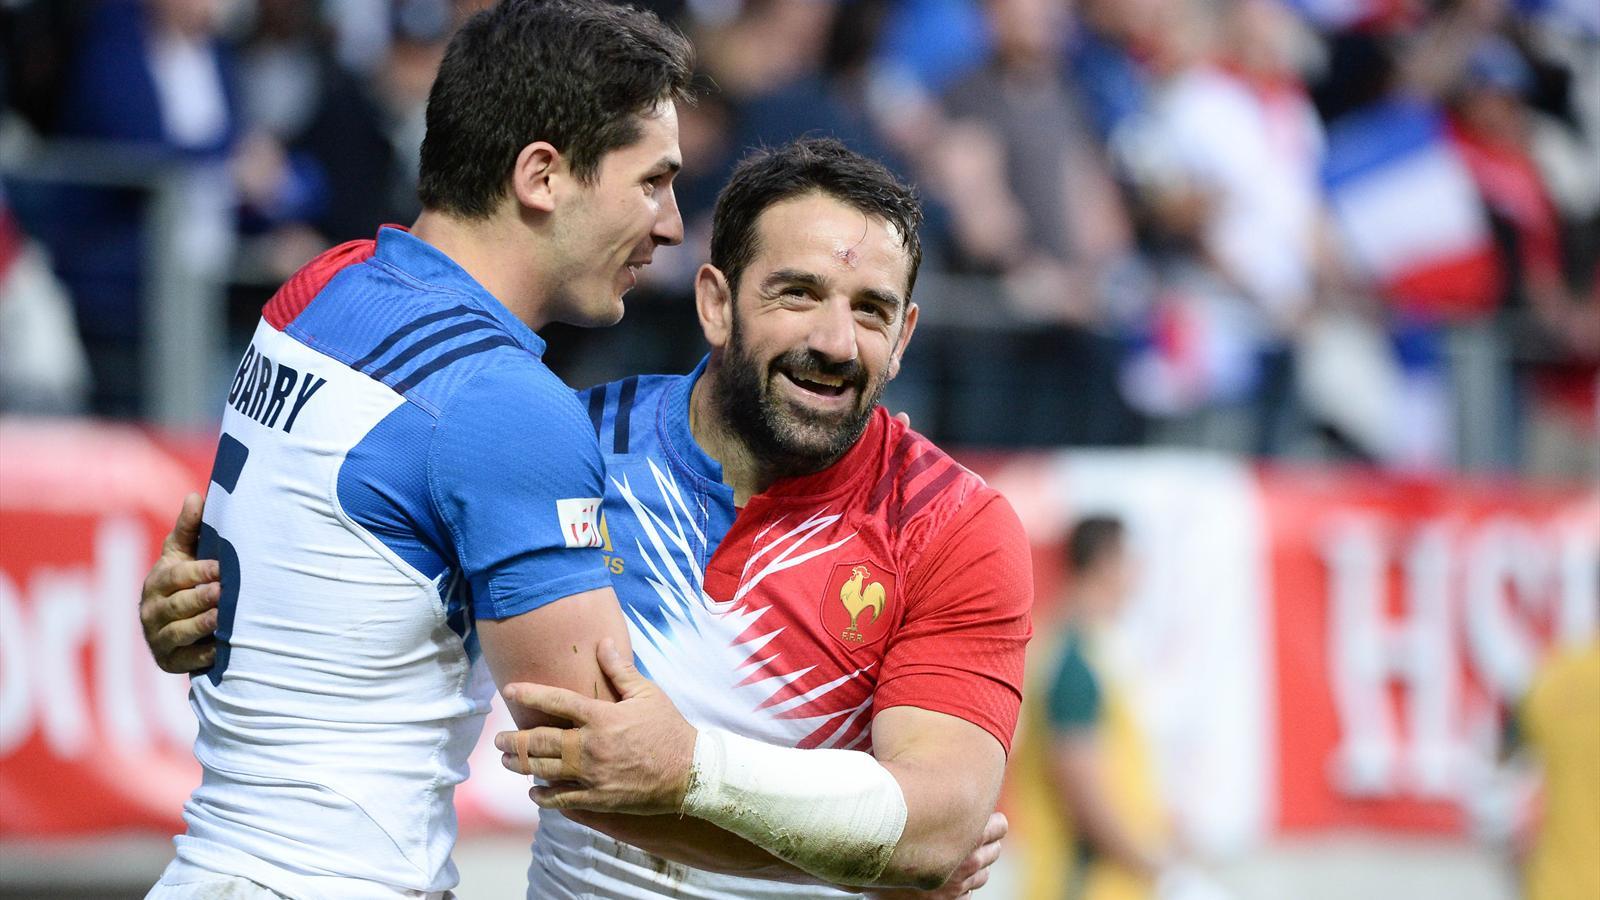 Julien Candelon et Steeve Barry (France 7) - 13 mai 2016